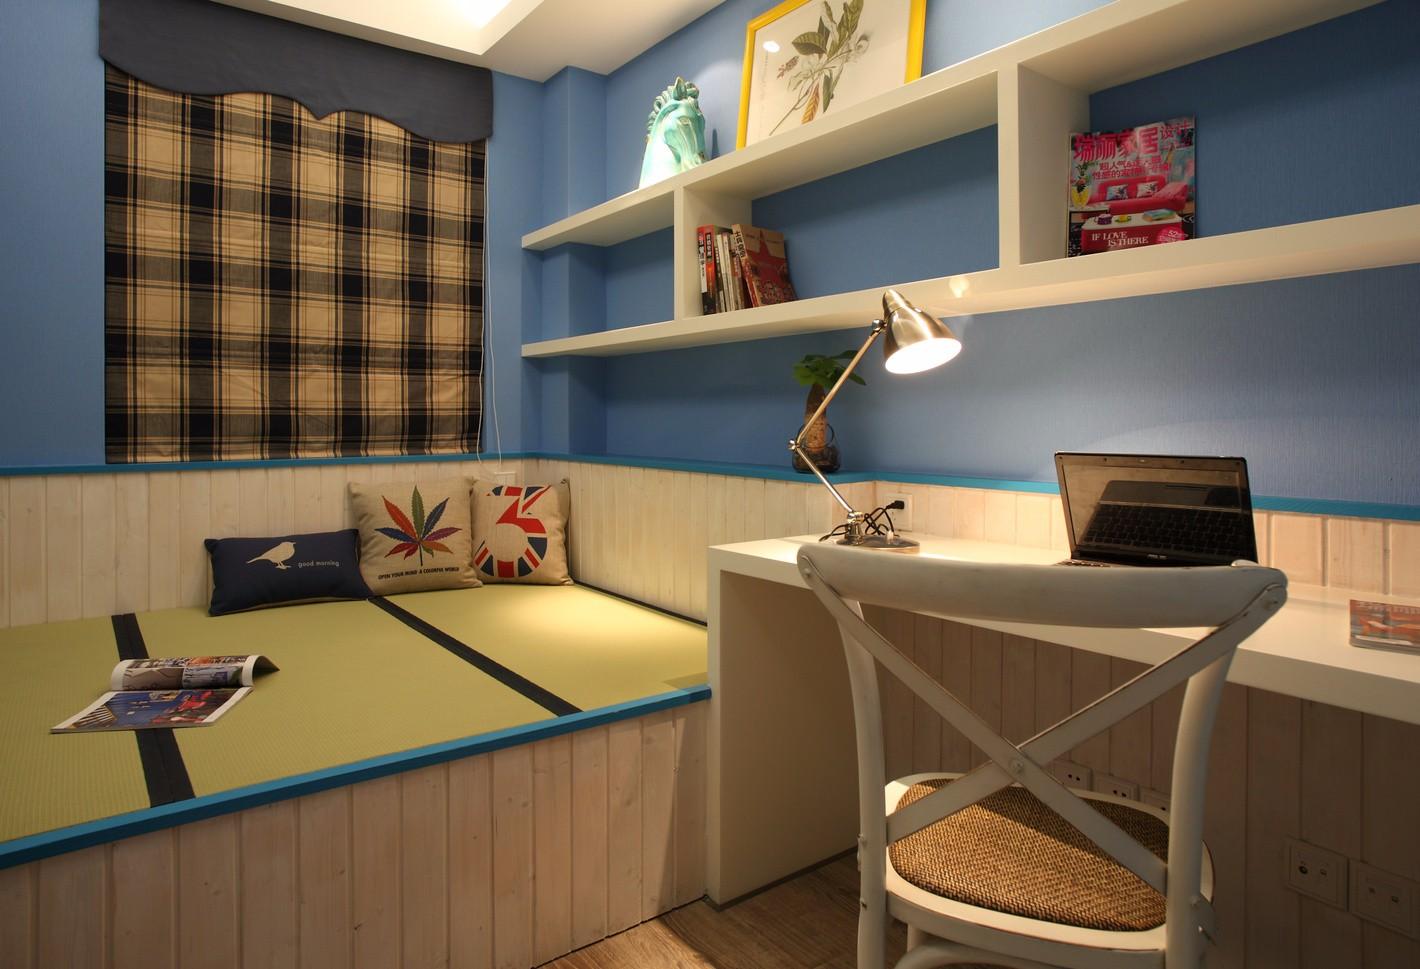 常州世贸香槟湖148平米美式风格三室两厅装修效果图